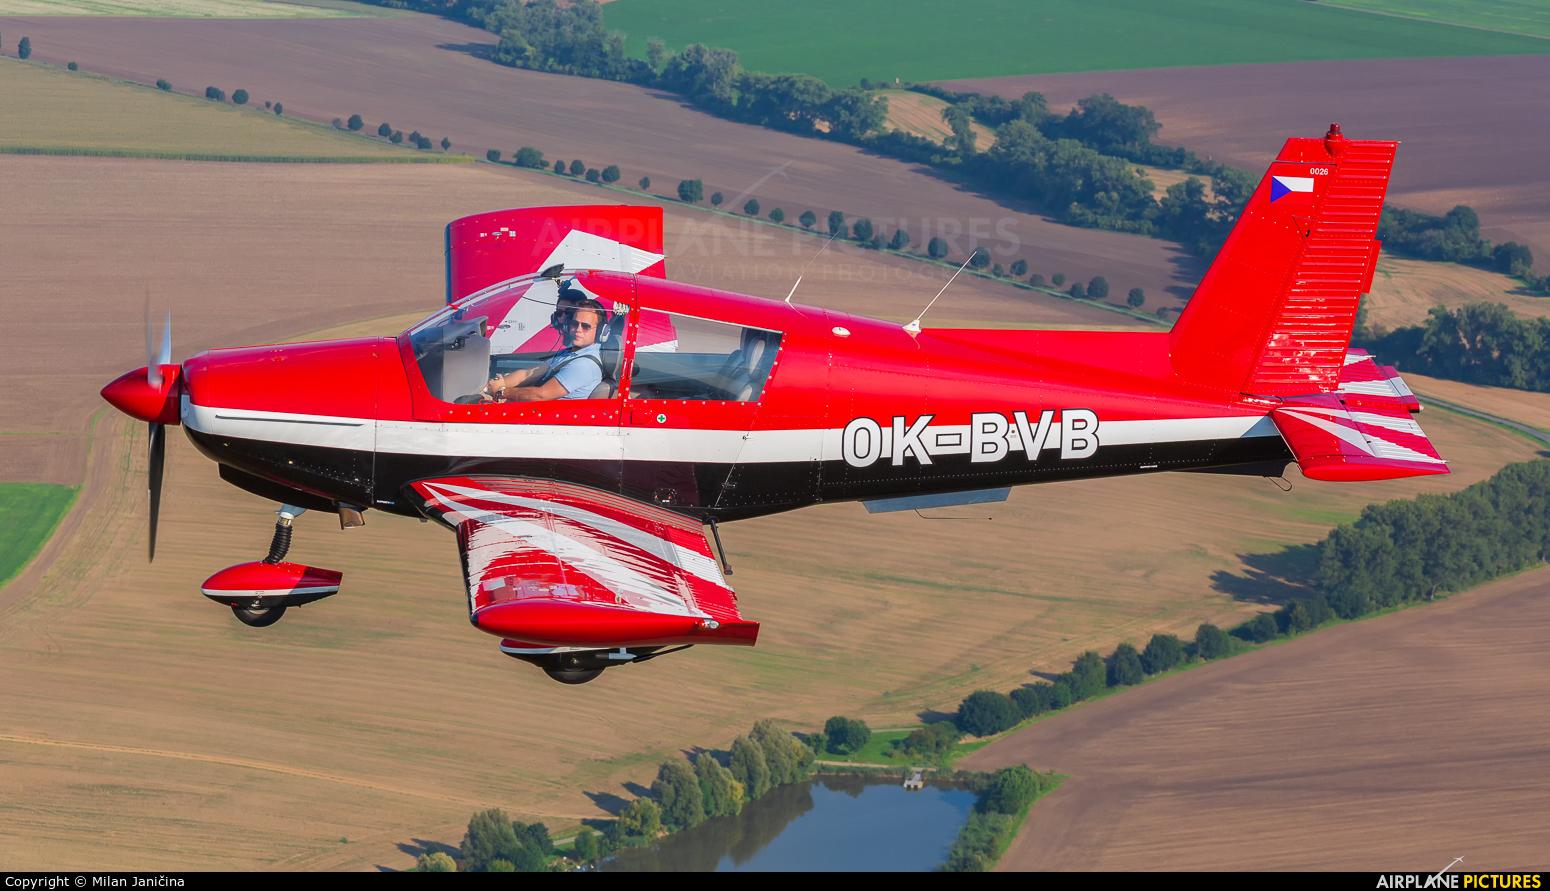 Aeroklub Bŕeclav OK-BVB aircraft at In Flight - Czech Republic